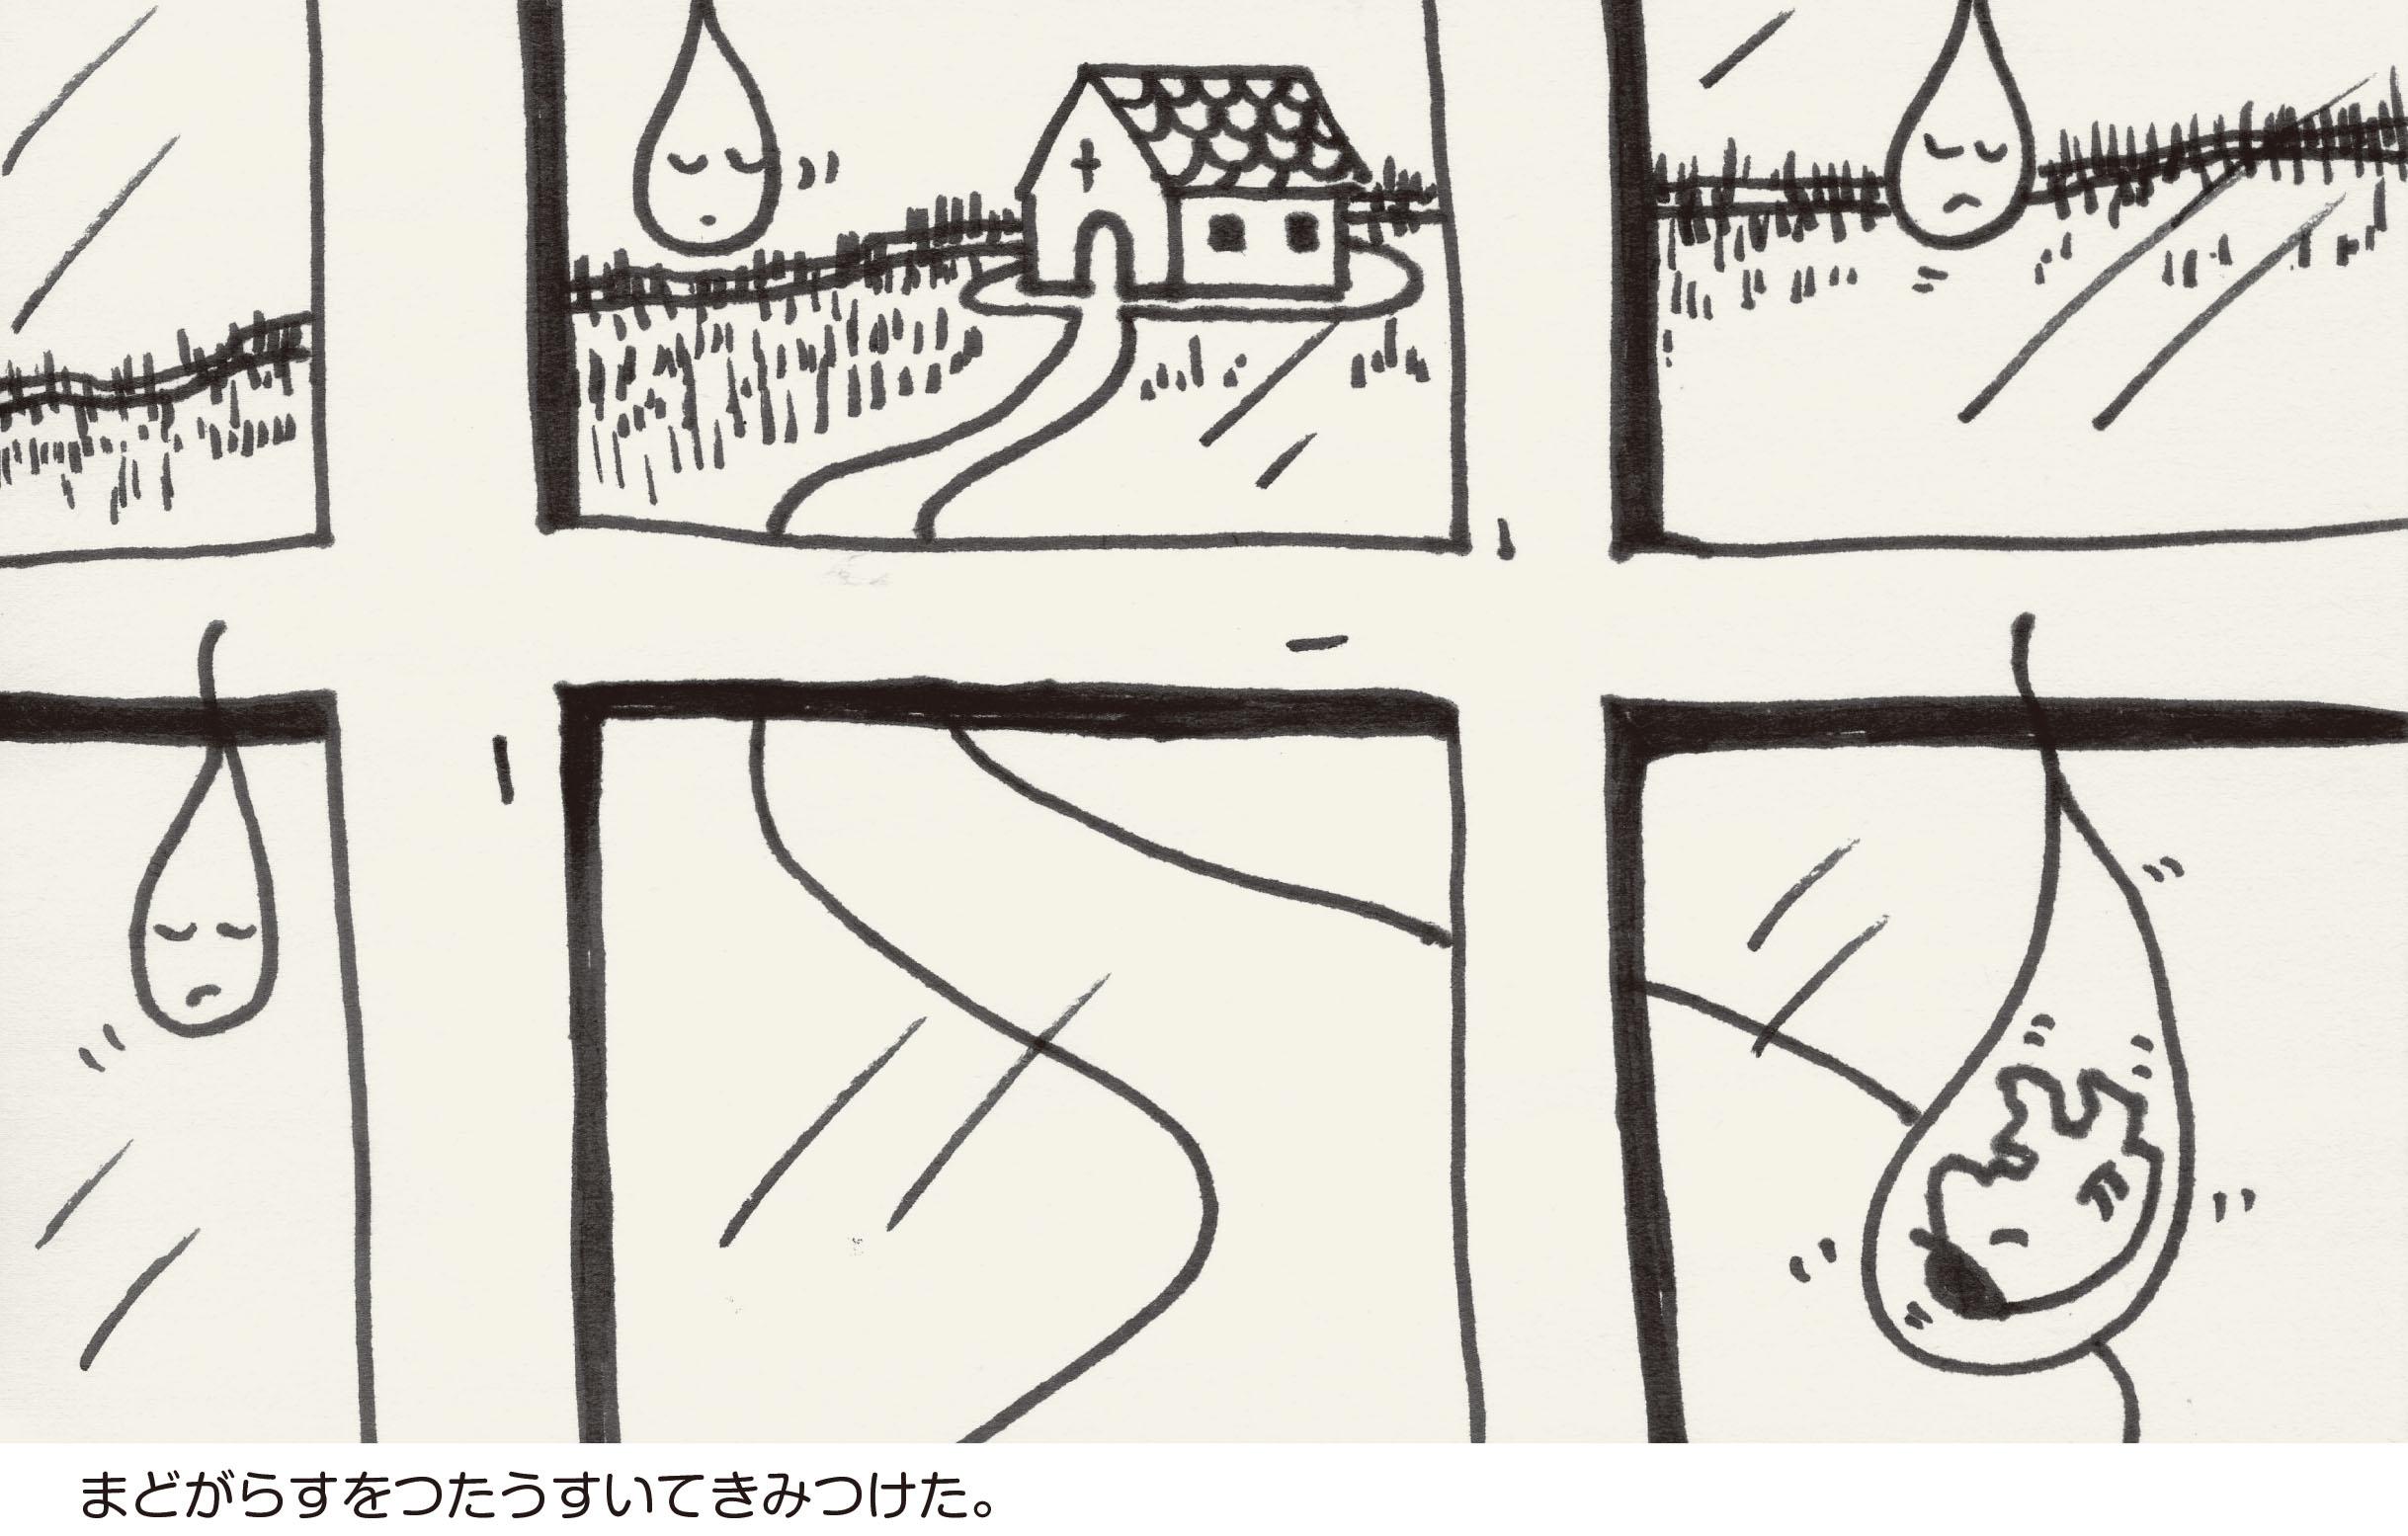 パパの涙(前編)